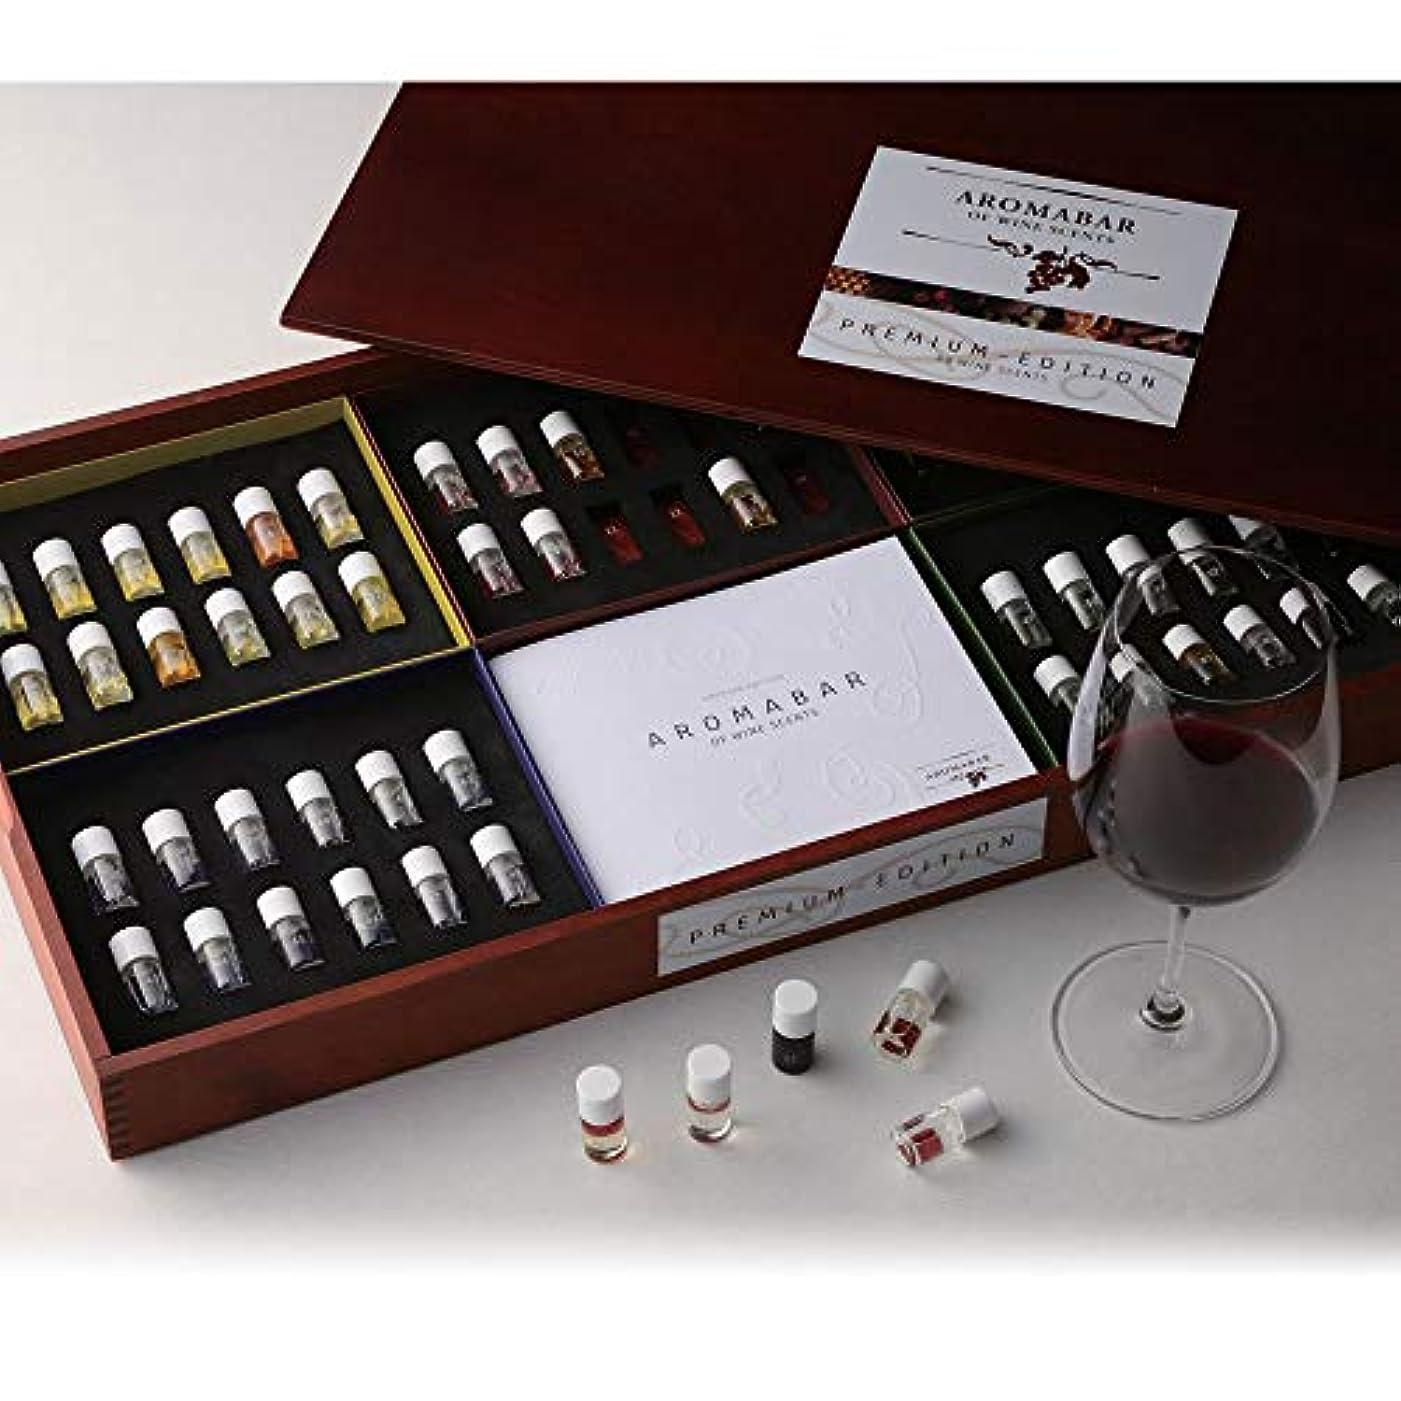 発明フクロウ魅了する送料無料 グローバル アロマバー プレミアム60種 ワイン テイスティング ソムリエ レッスン 香り